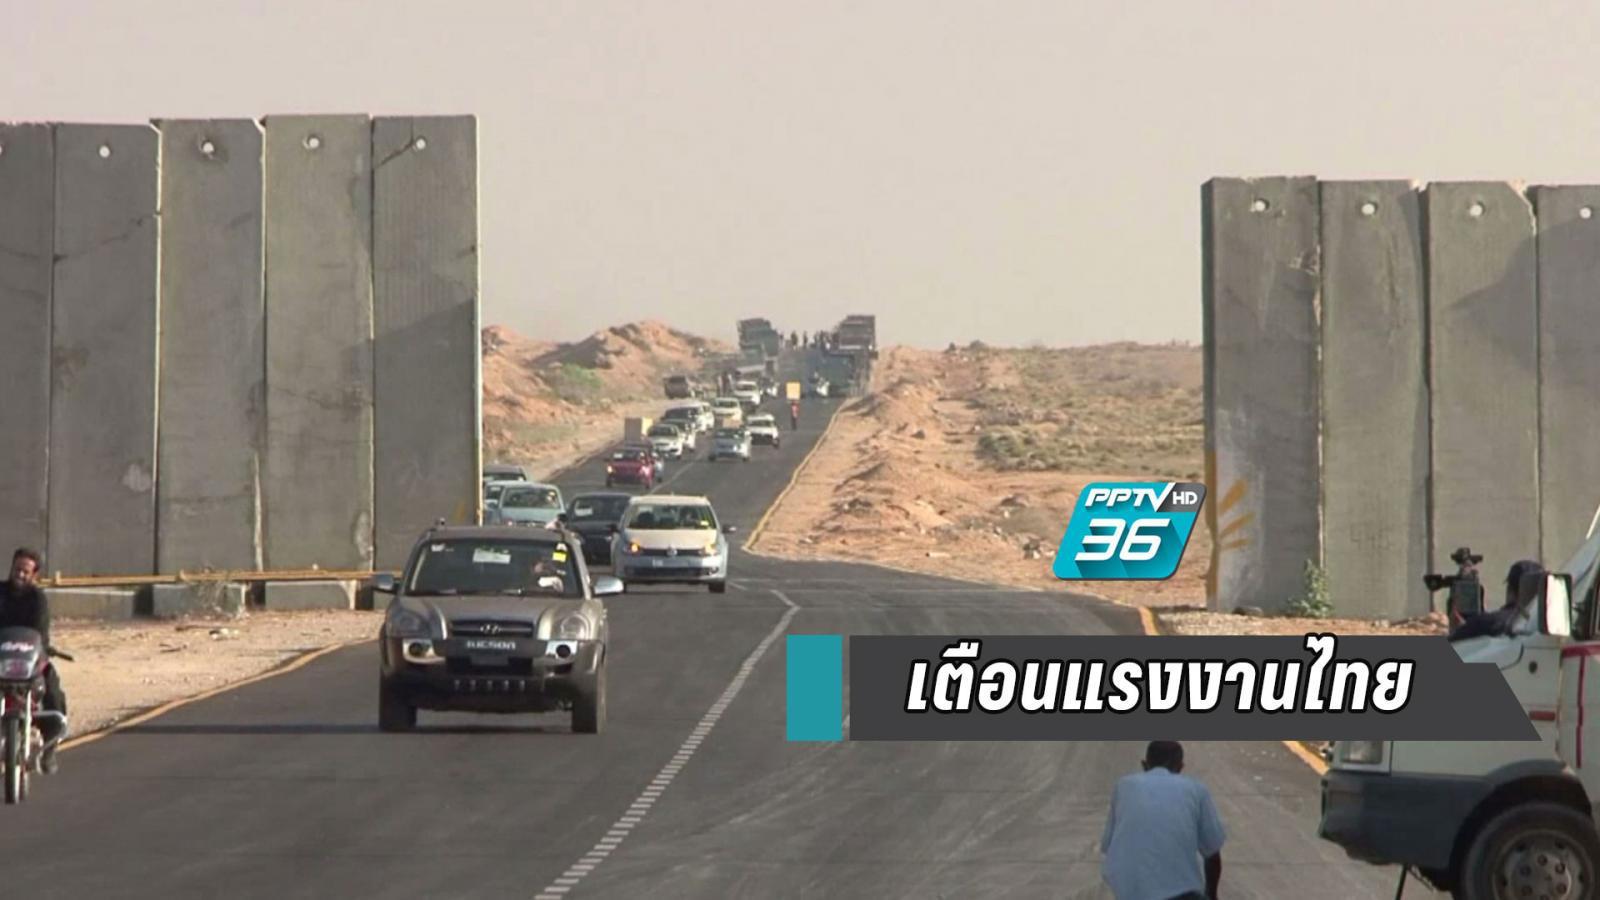 เตือนแรงงานไทยในอิสราเอล ออกจากพื้นที่เสี่ยง หลังถูกโจมตีด้วยจรวด